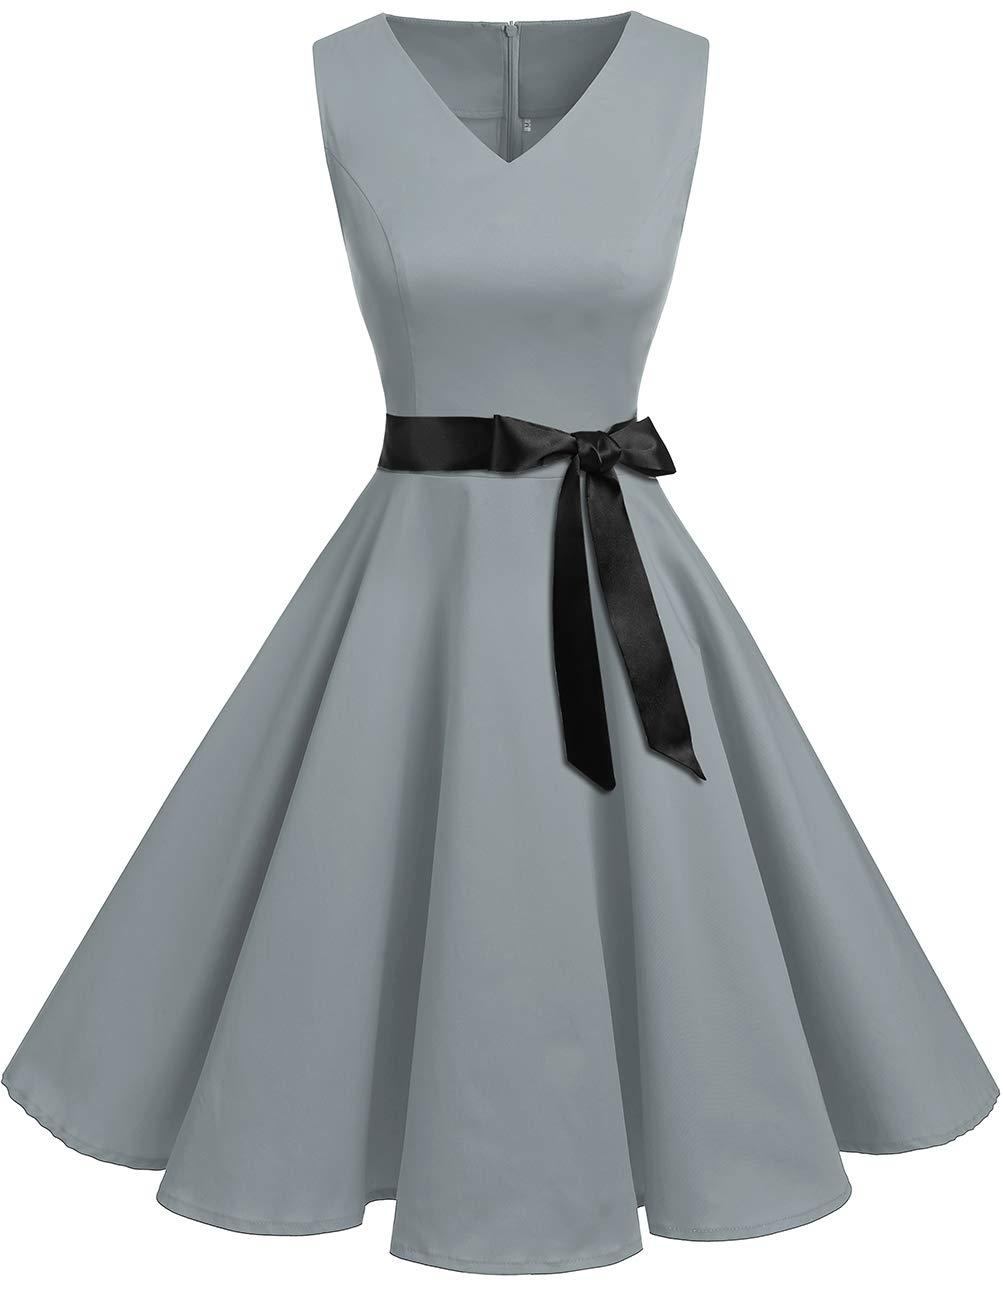 4ae432583a7bb Bridesmay Robe Femme Vintage Années 50 60 Pin Up Eté de Soirée Cocktail  Cérémonie Rétro Audrey Hepburn Rockabilly Swing Col en V sans Manche